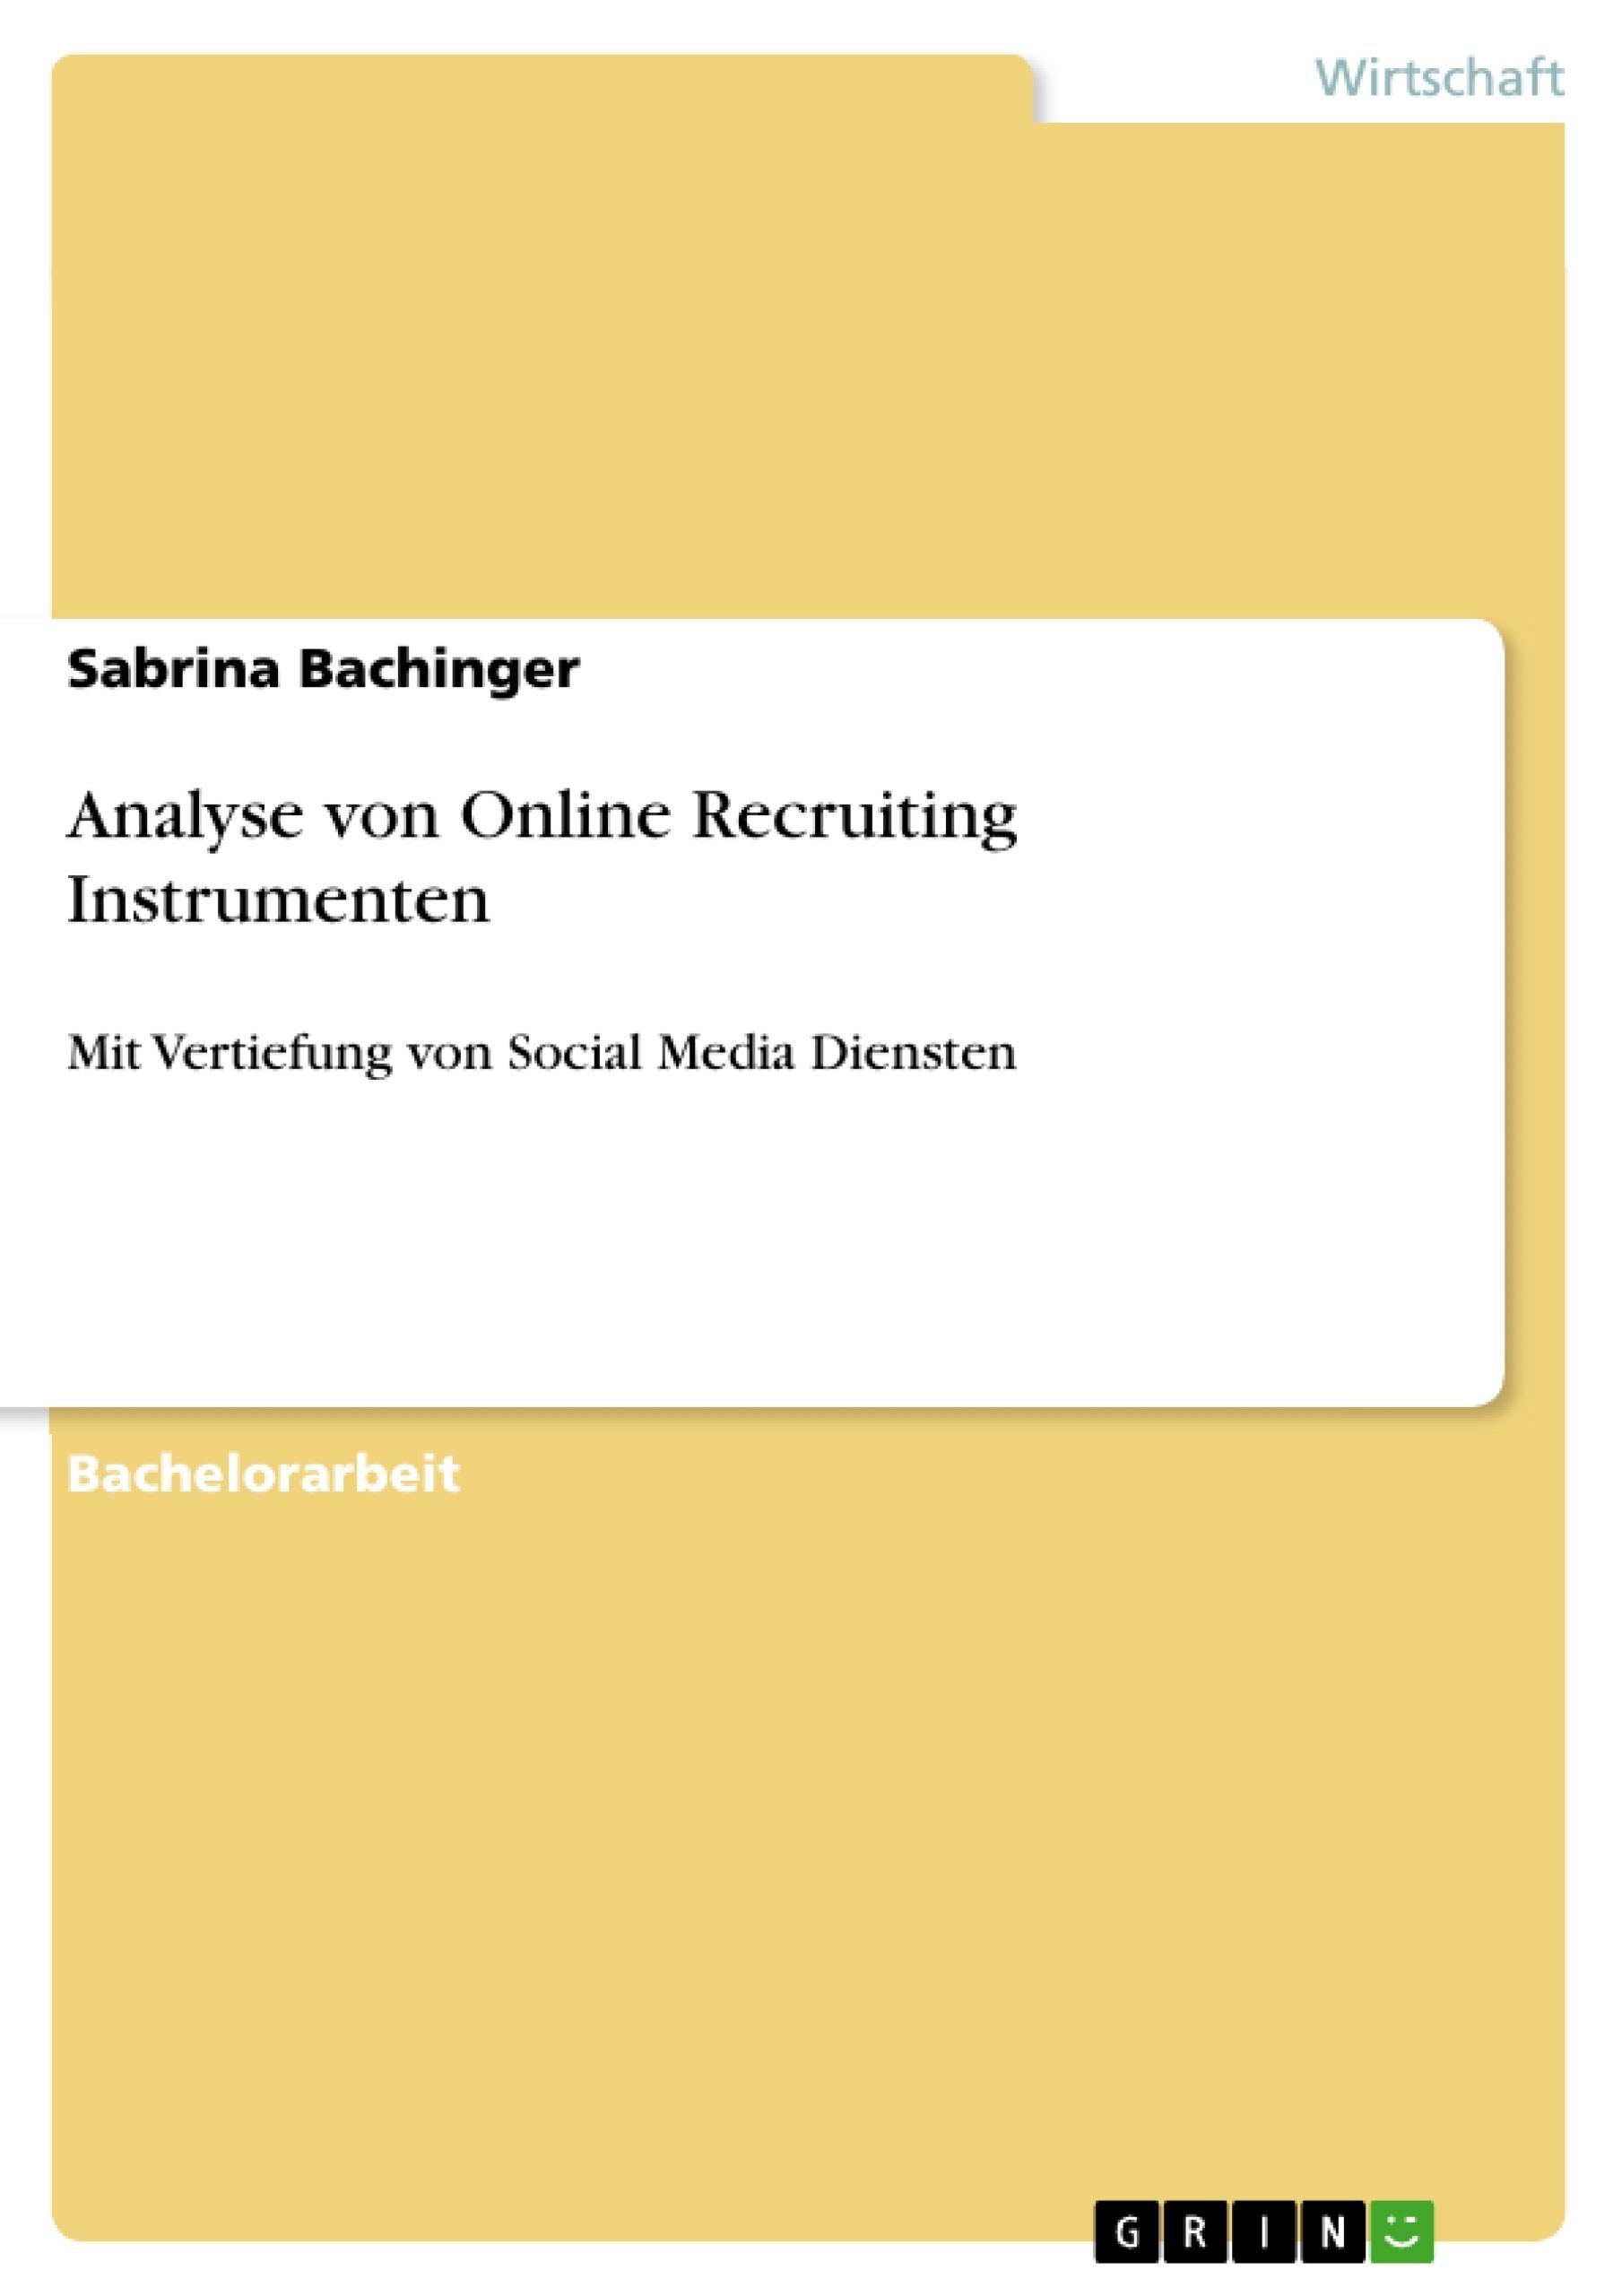 Titel: Analyse von Online Recruiting Instrumenten